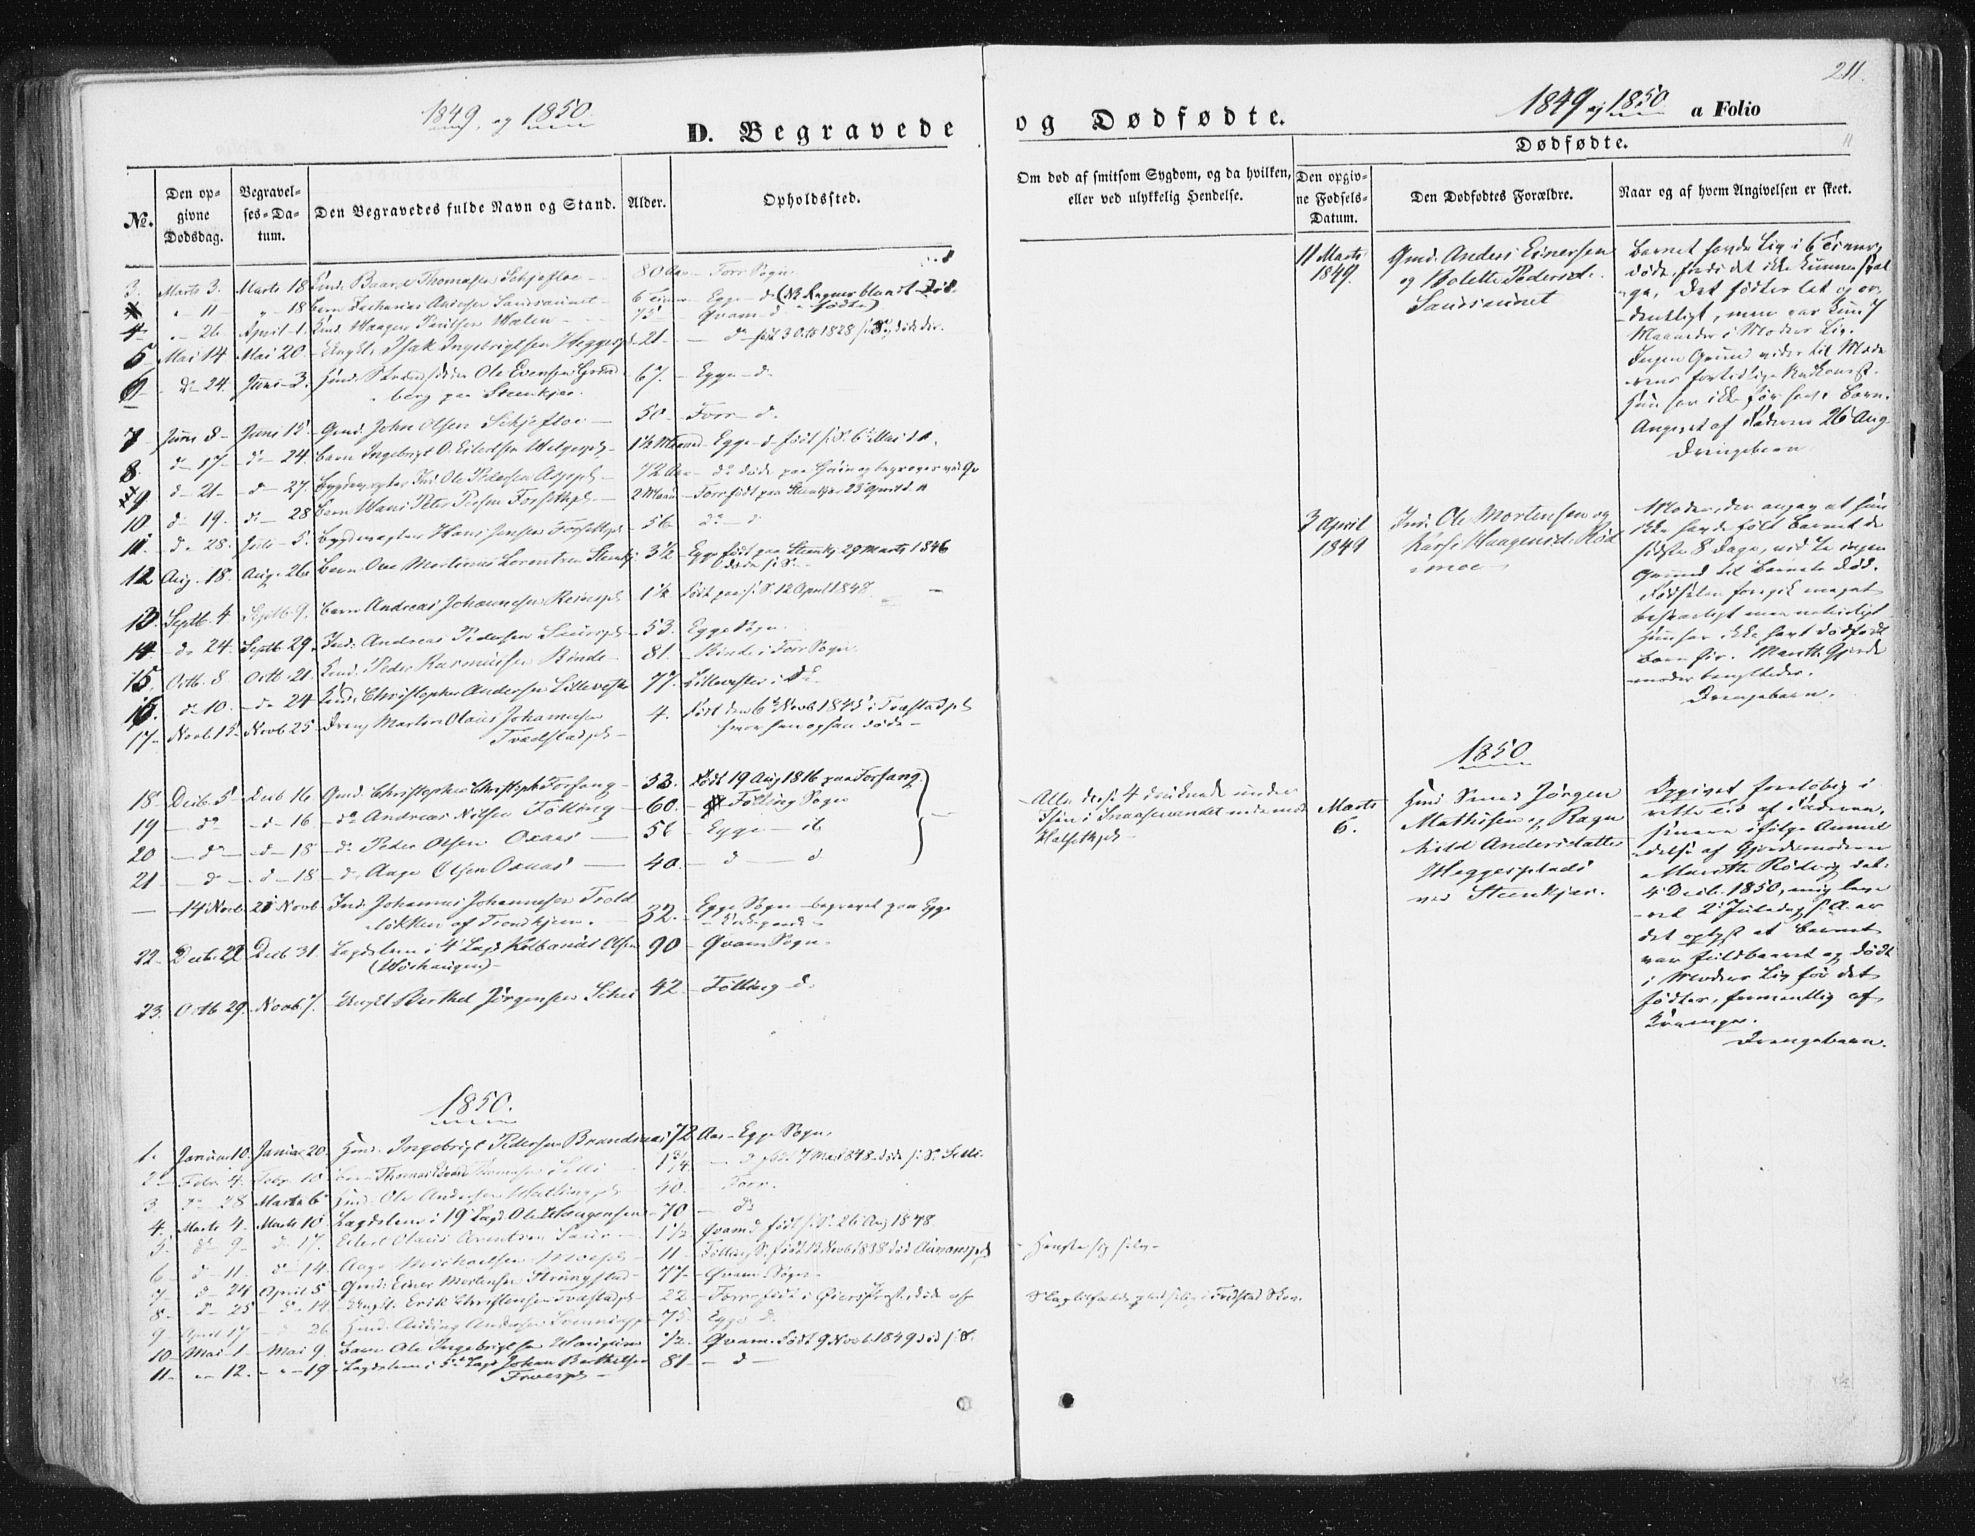 SAT, Ministerialprotokoller, klokkerbøker og fødselsregistre - Nord-Trøndelag, 746/L0446: Ministerialbok nr. 746A05, 1846-1859, s. 211